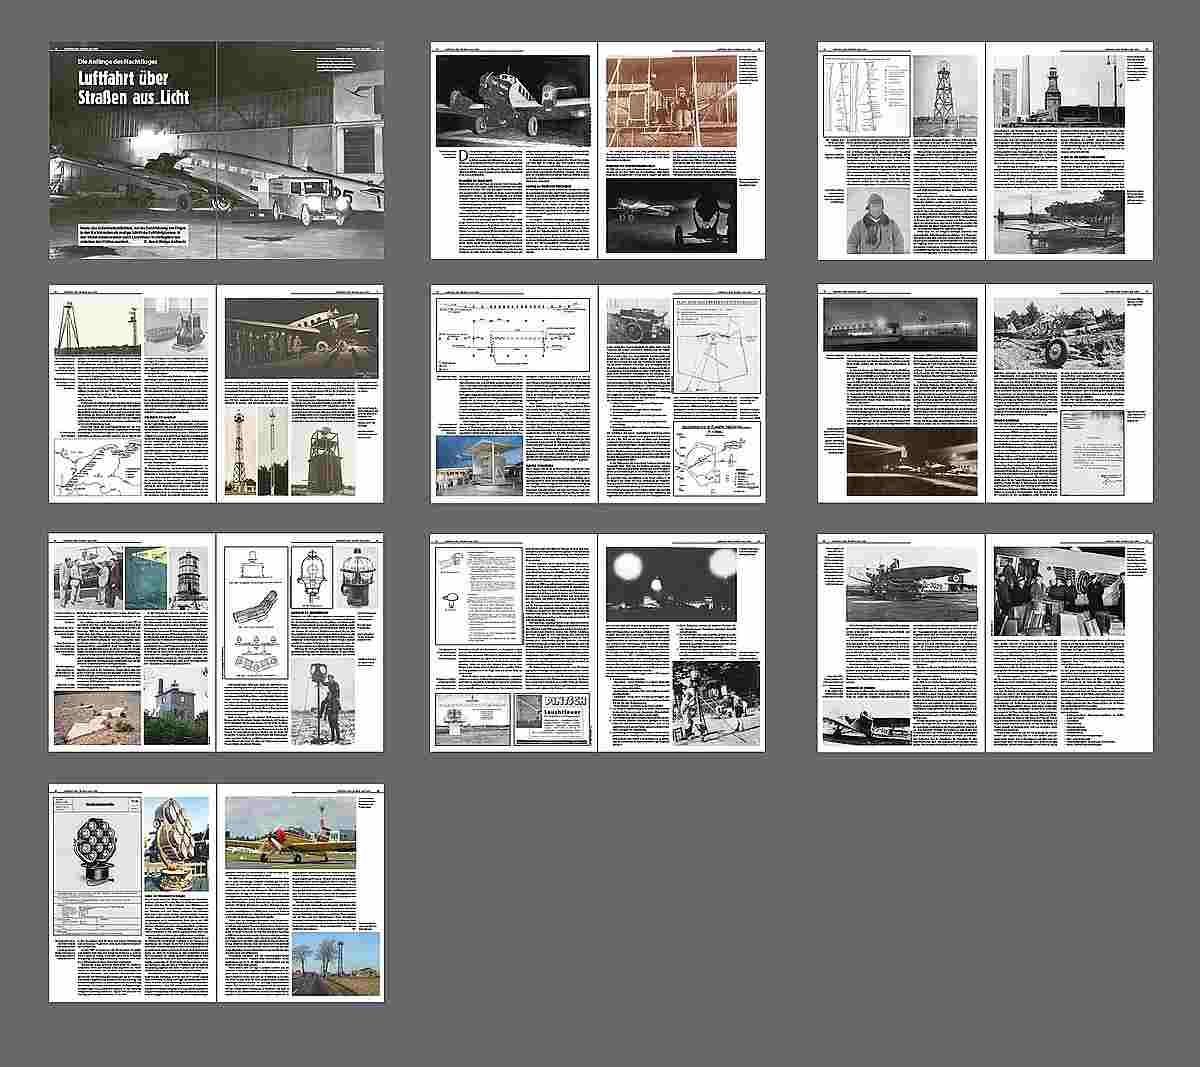 FliegerRevueX-67-Nachtflug Neu im Zeitschriftenregal - die FliegerRevueX Nr. 67